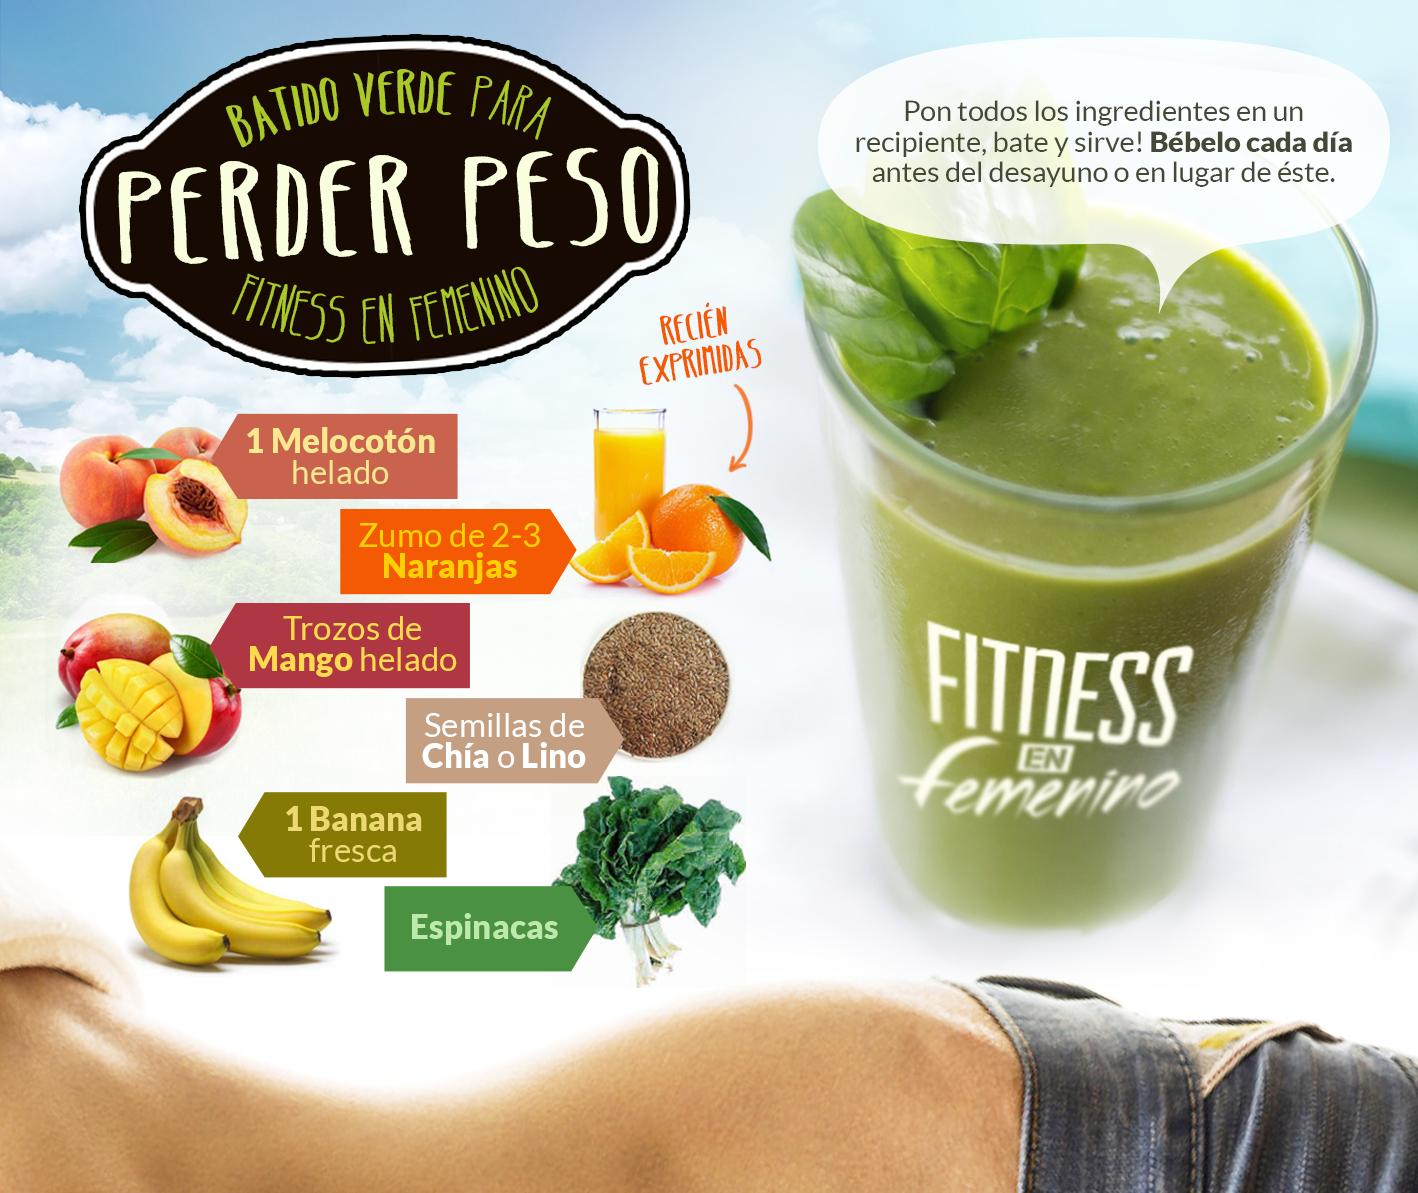 Batidos verdes para bajar de peso